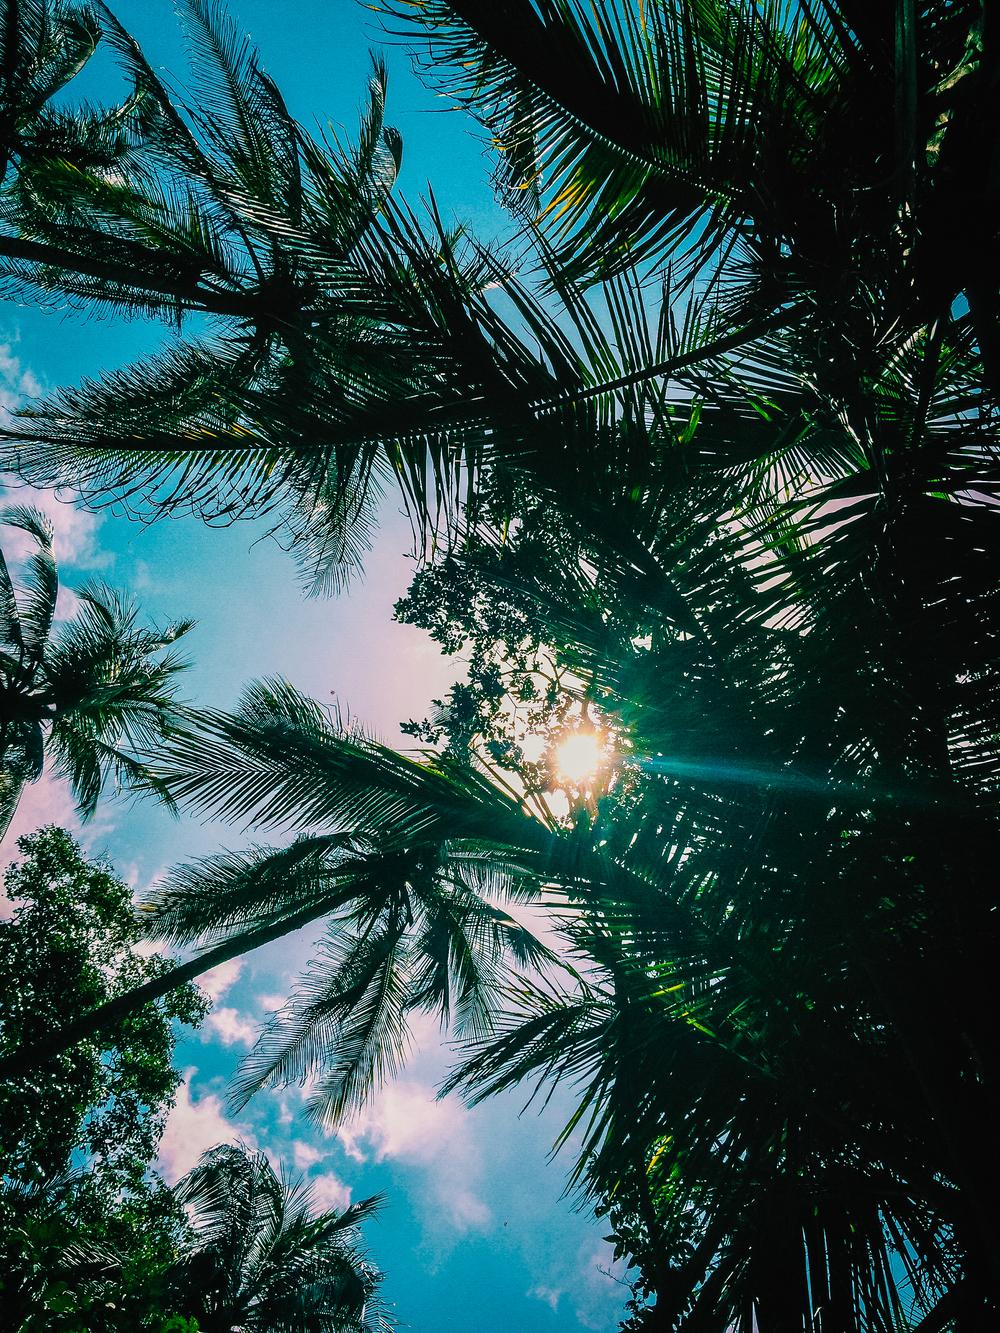 Palmtree-5.jpg